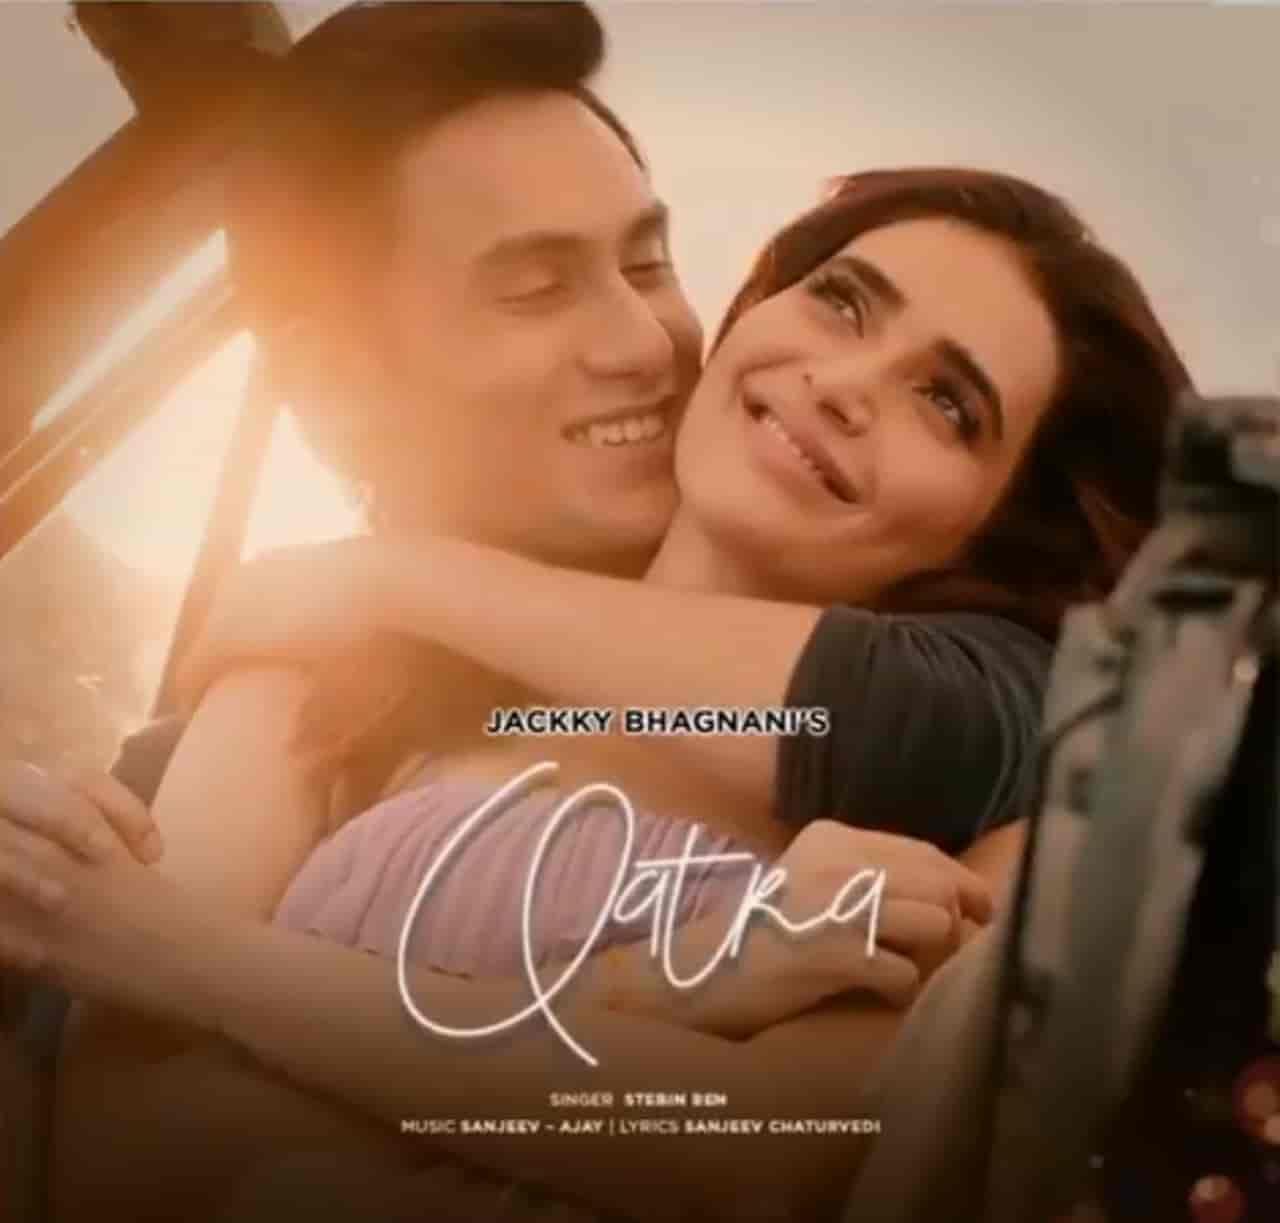 Qatra Hindi Song Image Features Karishma Tanna And Ritwik Bhaumik